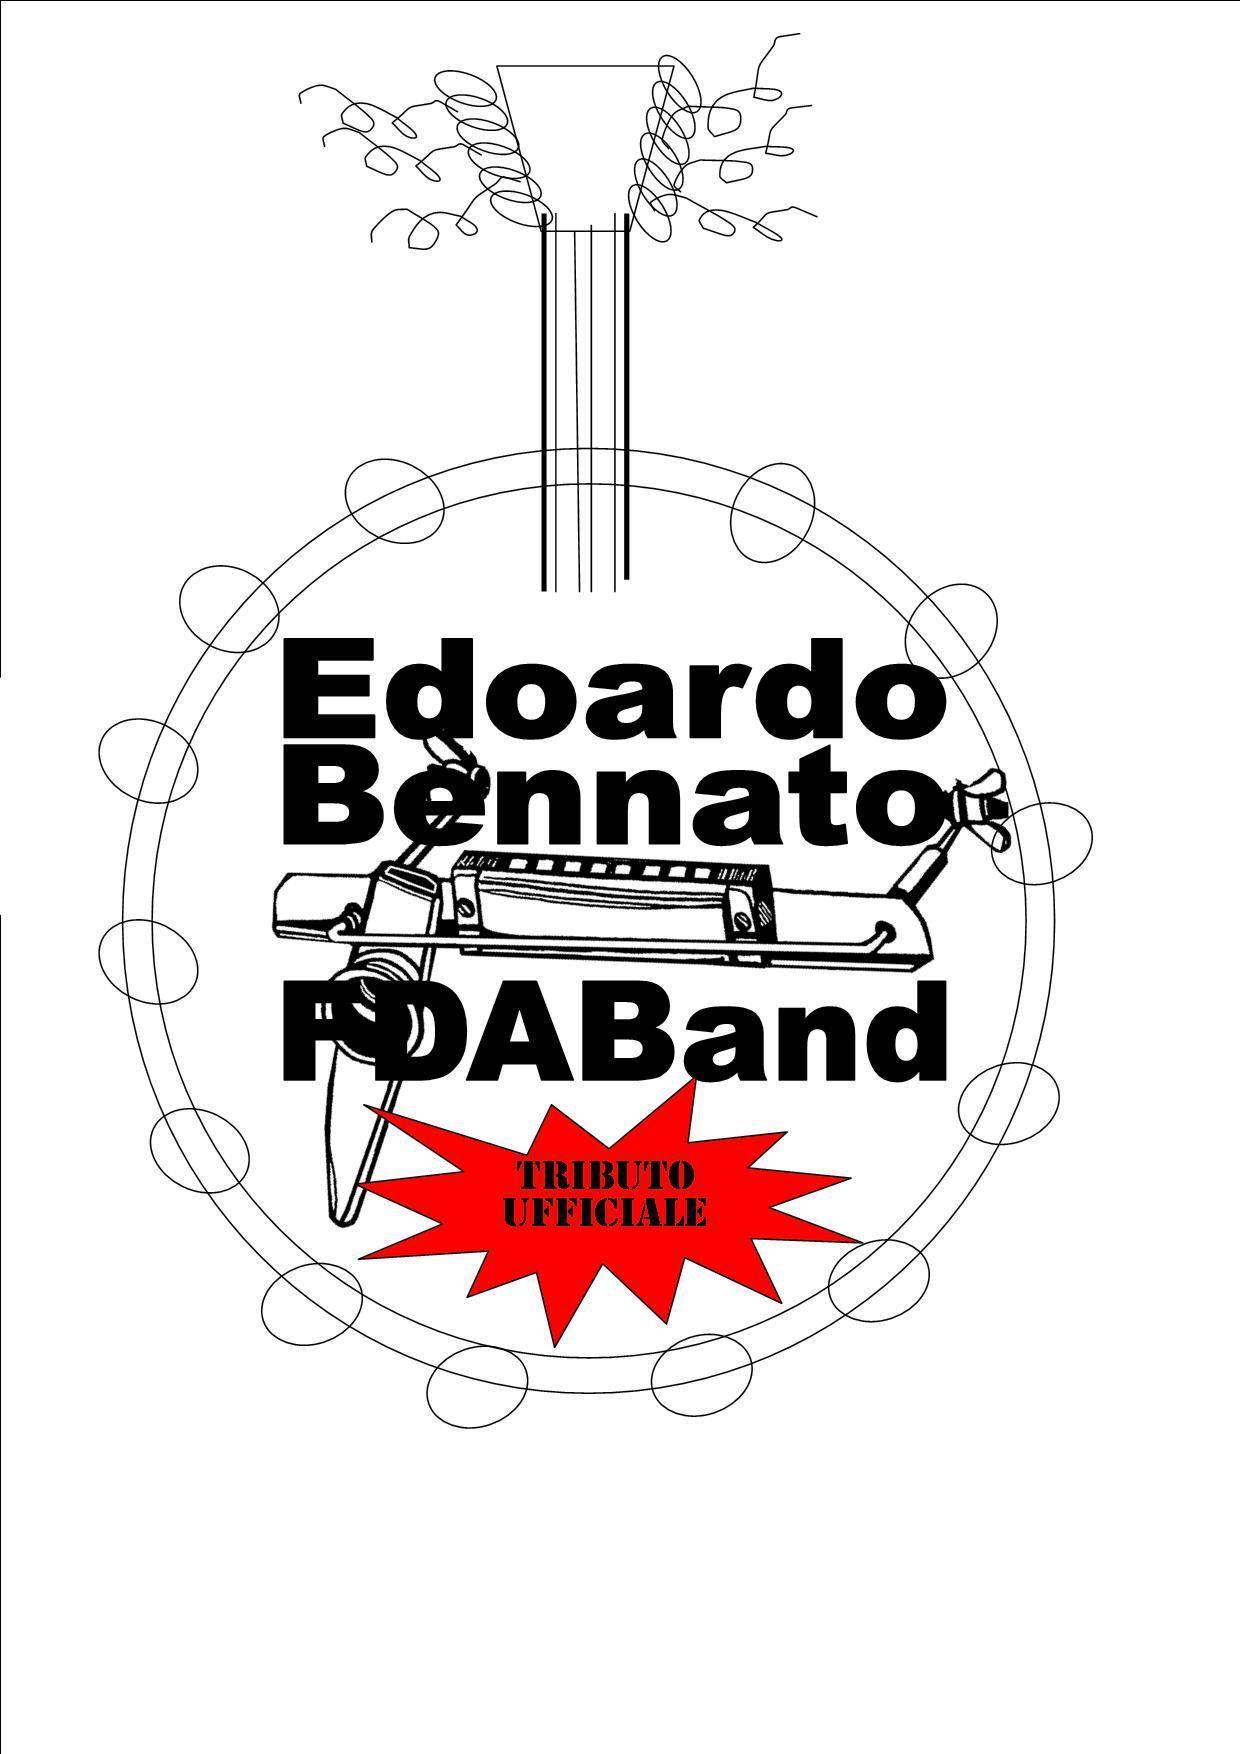 9 SETTEMBRE 2009 - FDAB: STUDIO PER LOGO - 1